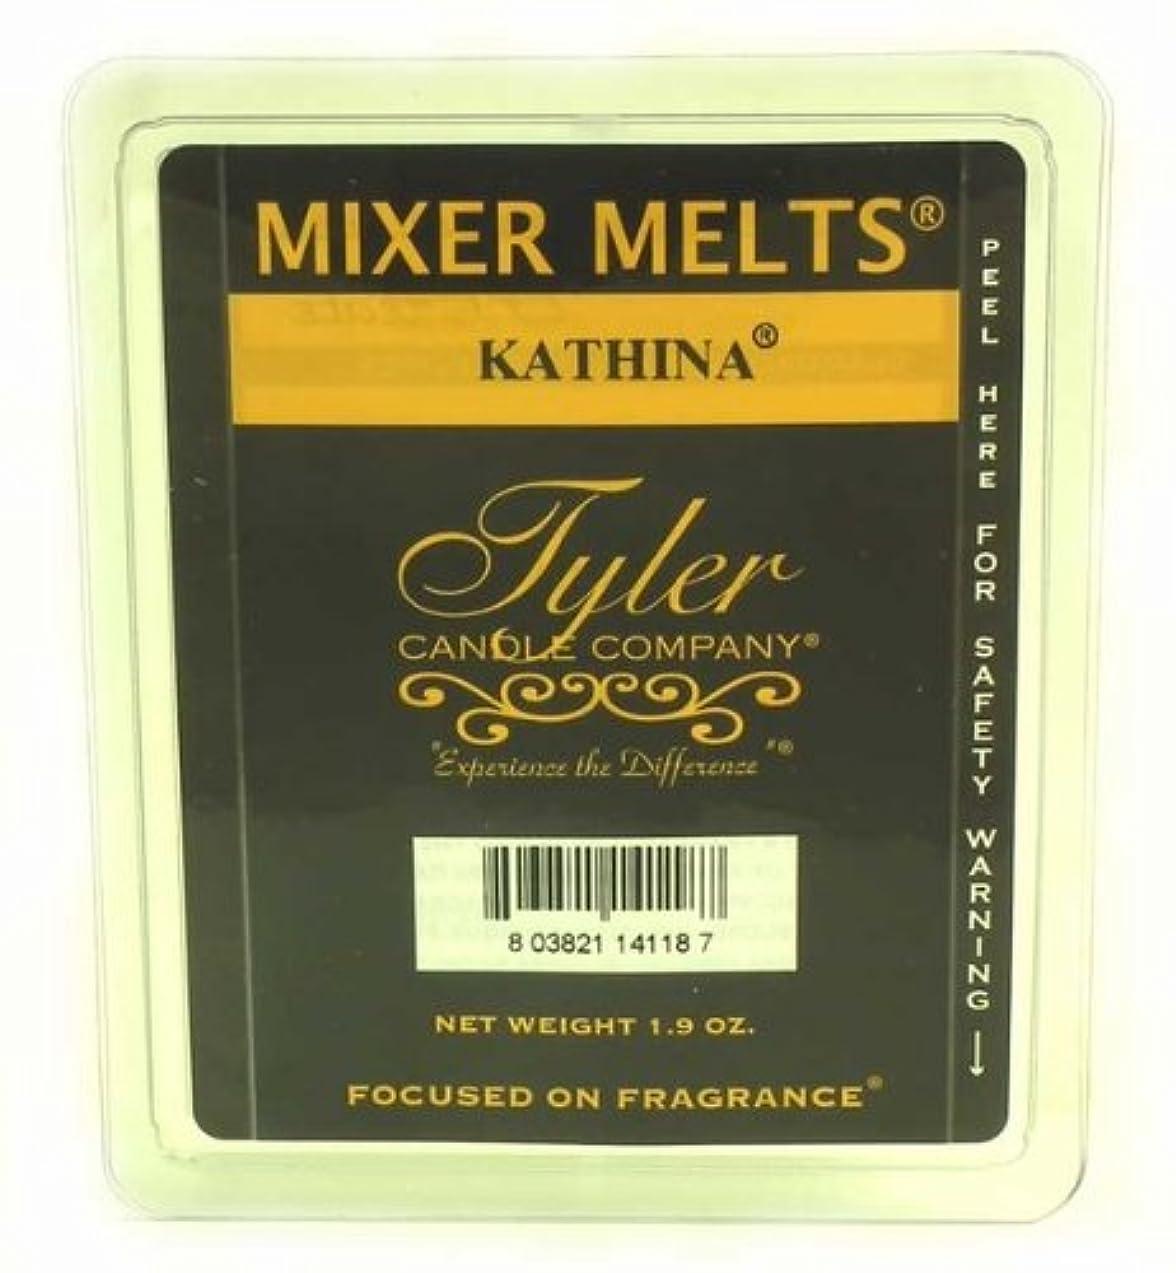 キャメル礼拝エレクトロニックTyler Candles Mixer Melts - Kathina by Tyler Candles